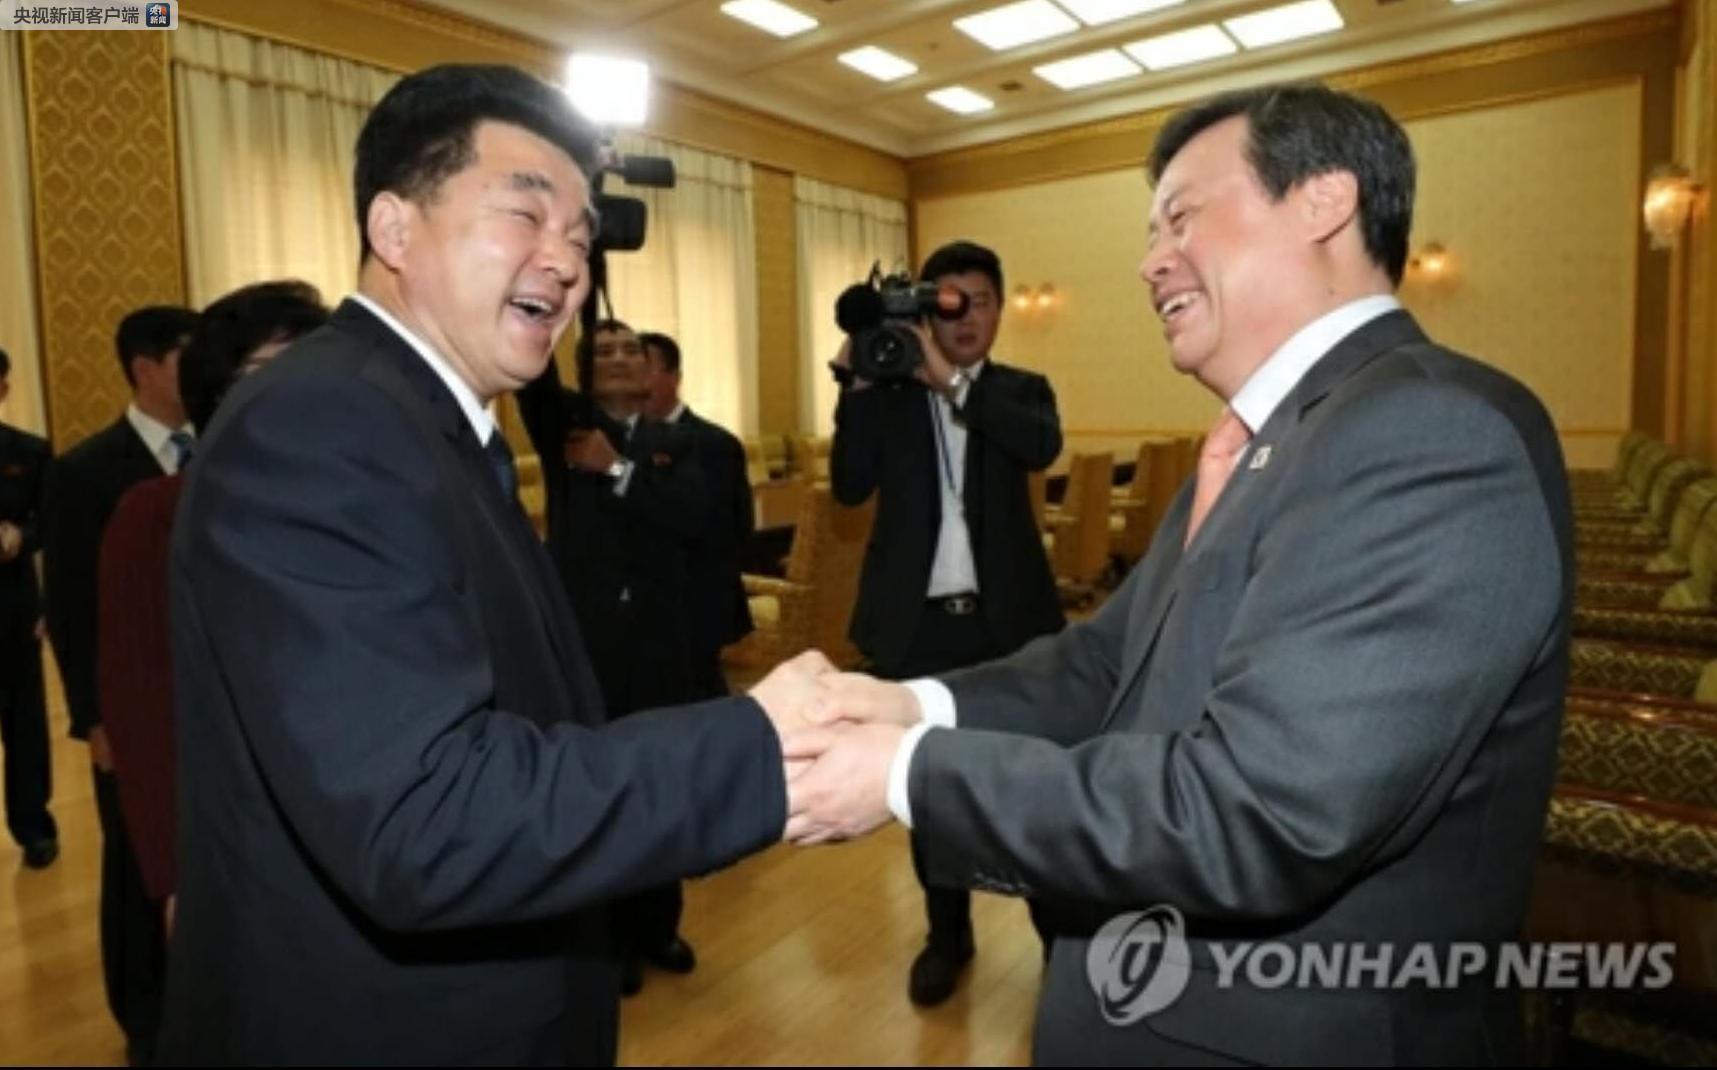 韩朝拟在2018雅加达亚运会共同入场雅加达韩朝亚运会